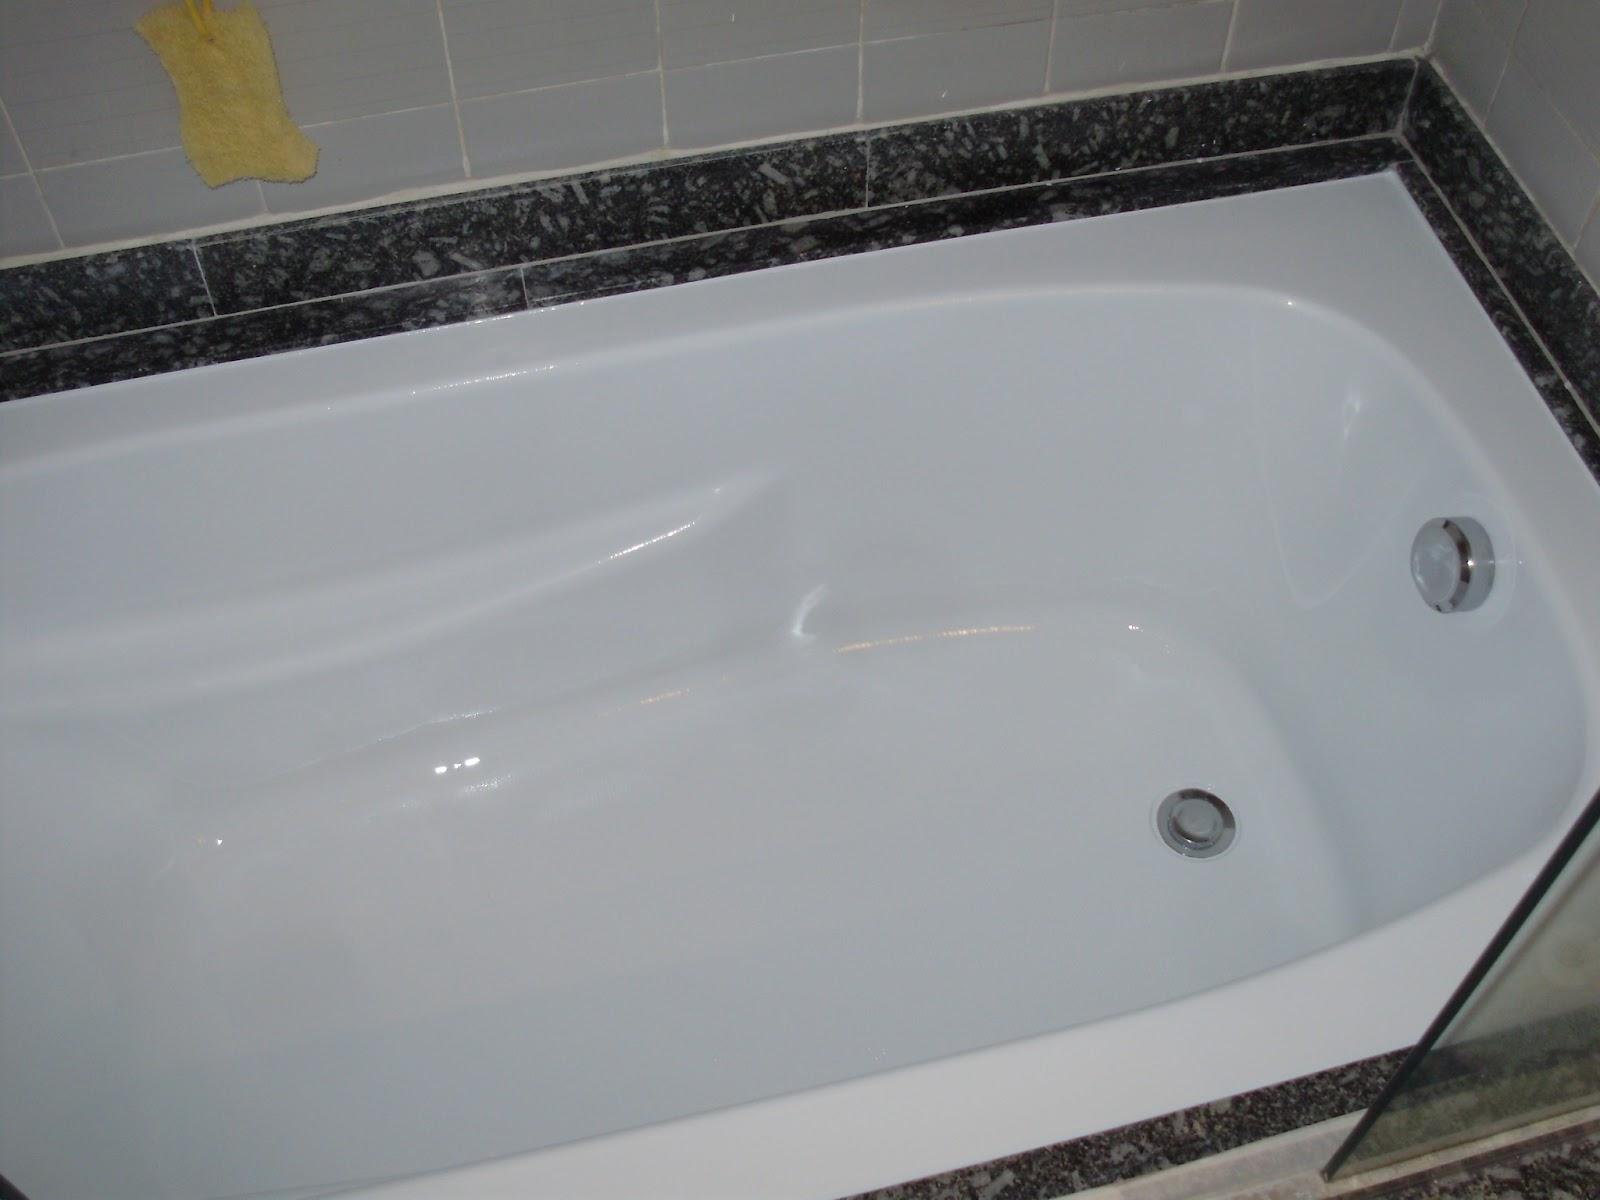 fazendo acabamento e preparando a pintura da banheira com uma nova cor #756A45 1600x1200 Banheiro Com Banheira Antiga